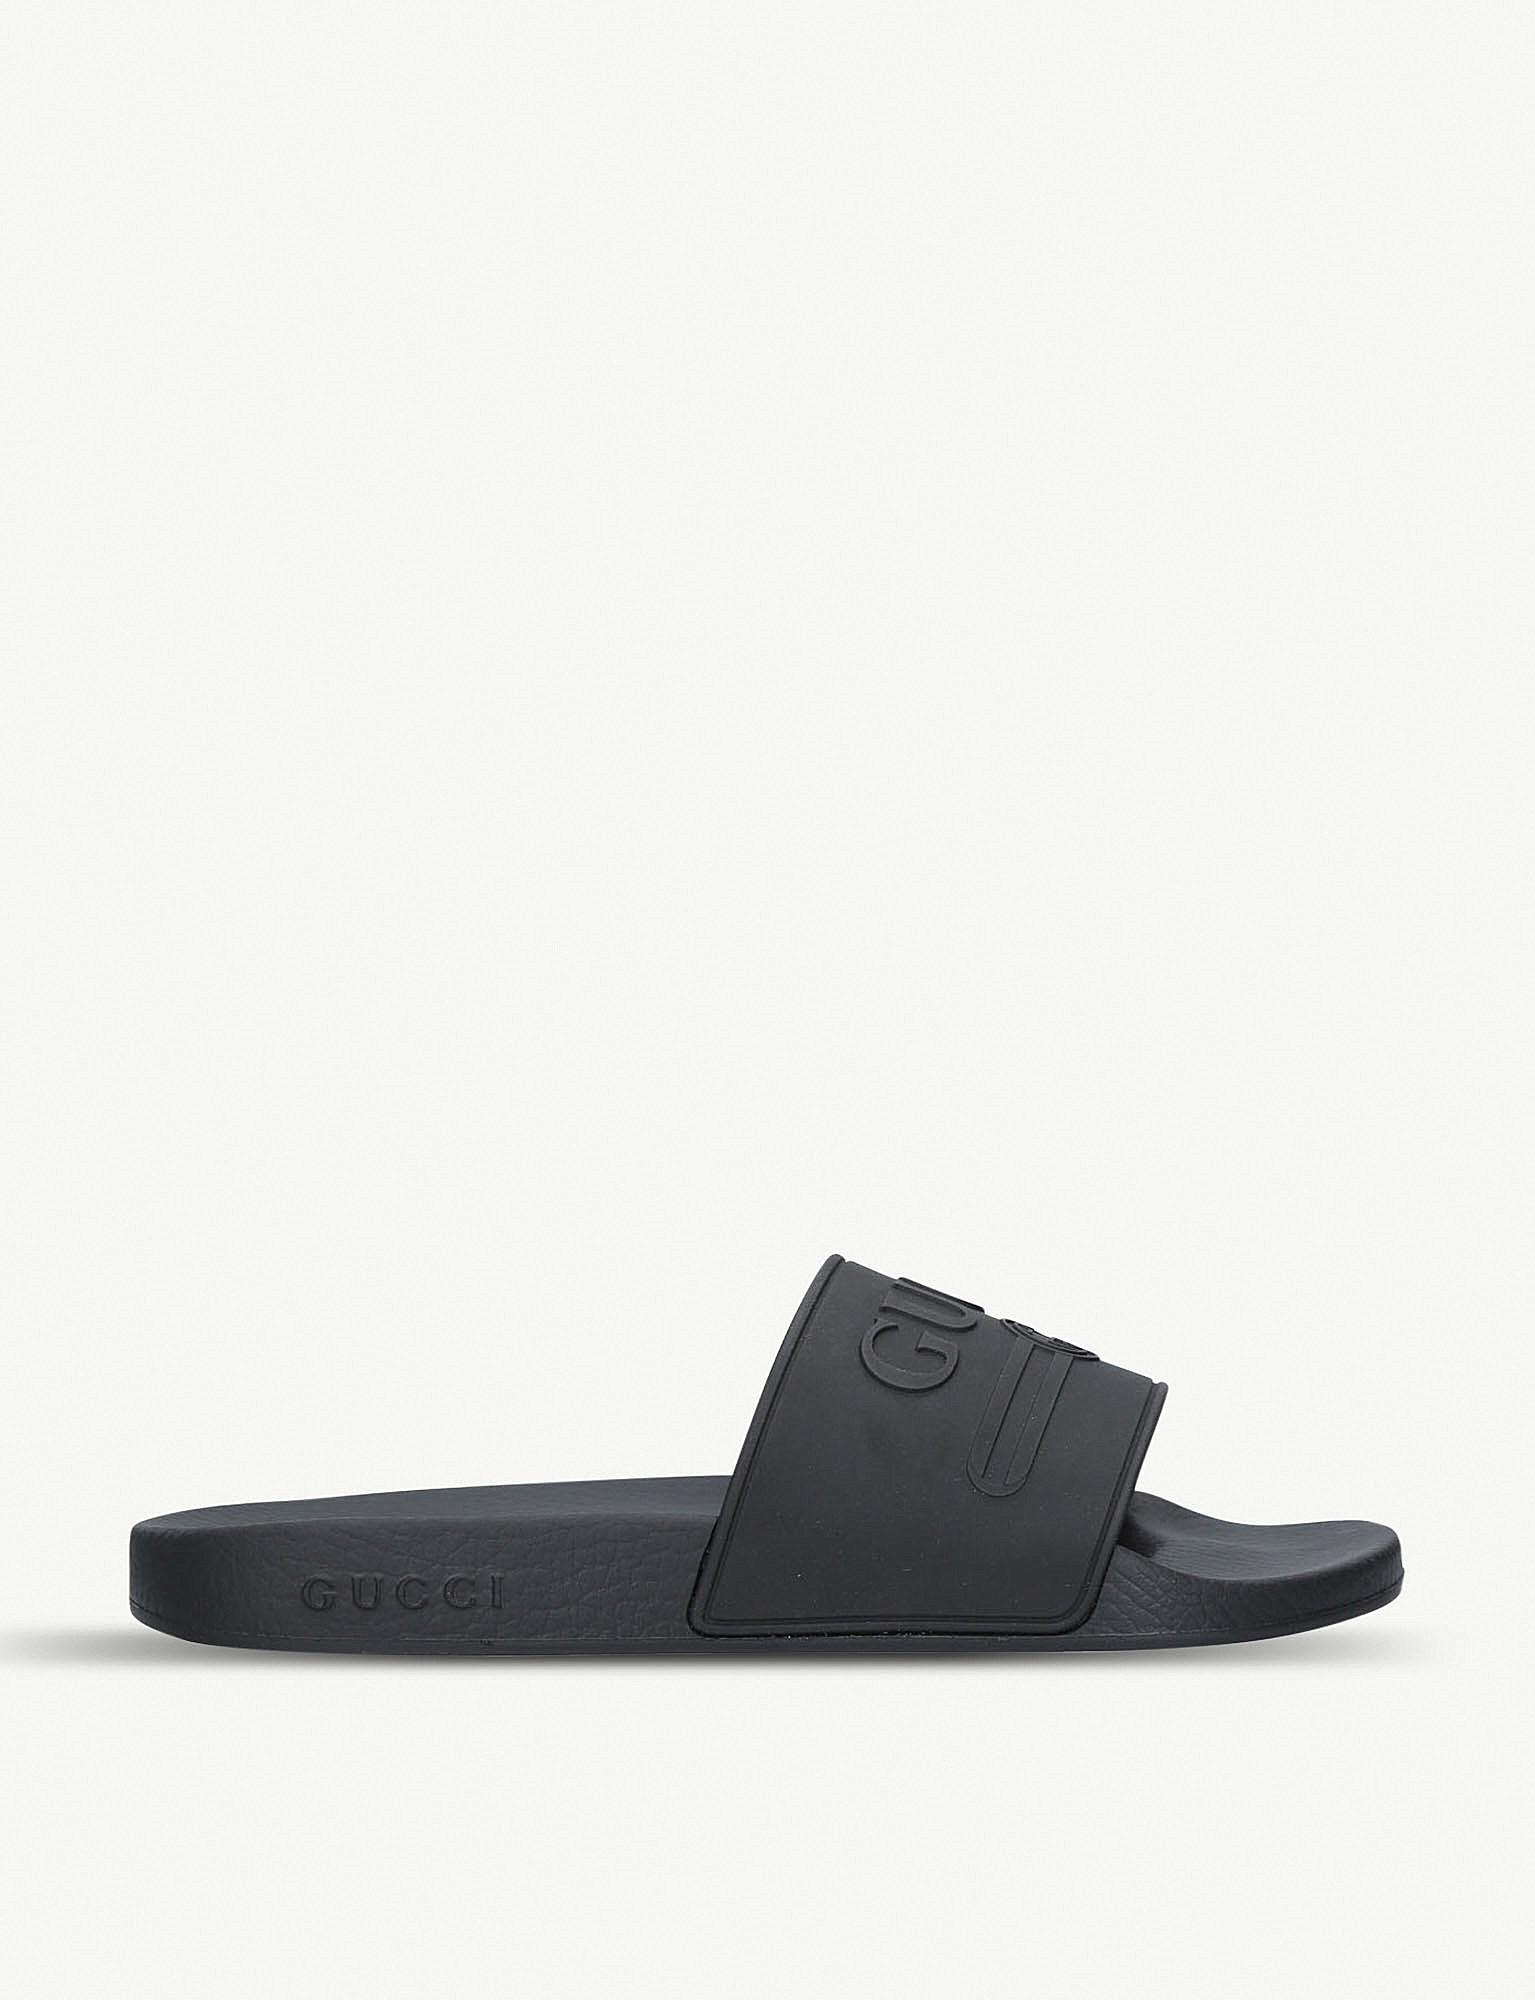 7a2993c8765 Lyst - Gucci Logo Rubber Slide Sandals in Black for Men - Save 4%